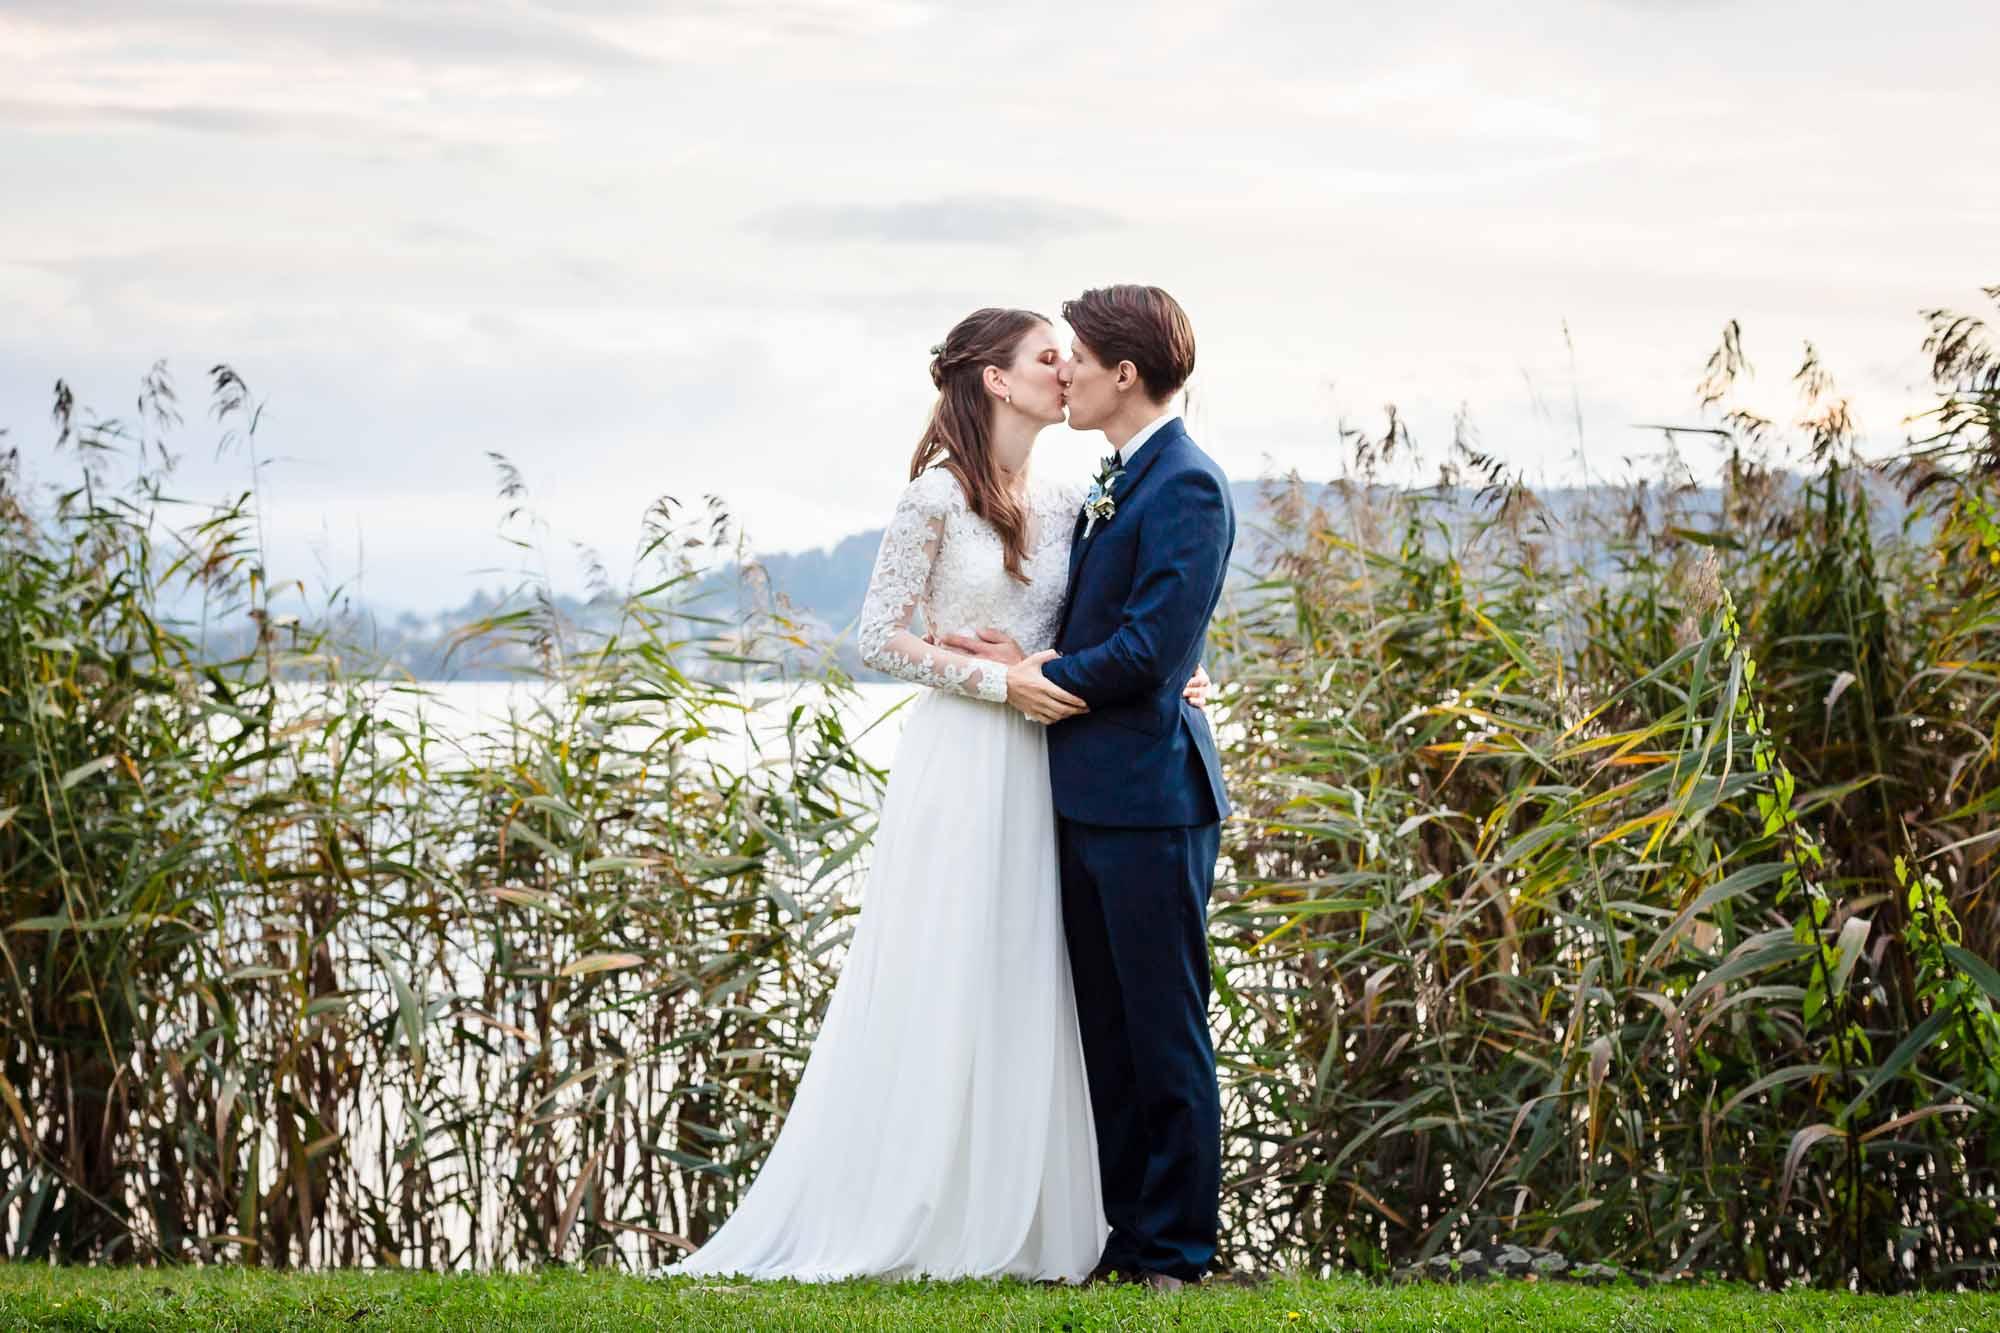 Hochzeitsfotos Luzern Brautpaar küsst sich vor Schilf